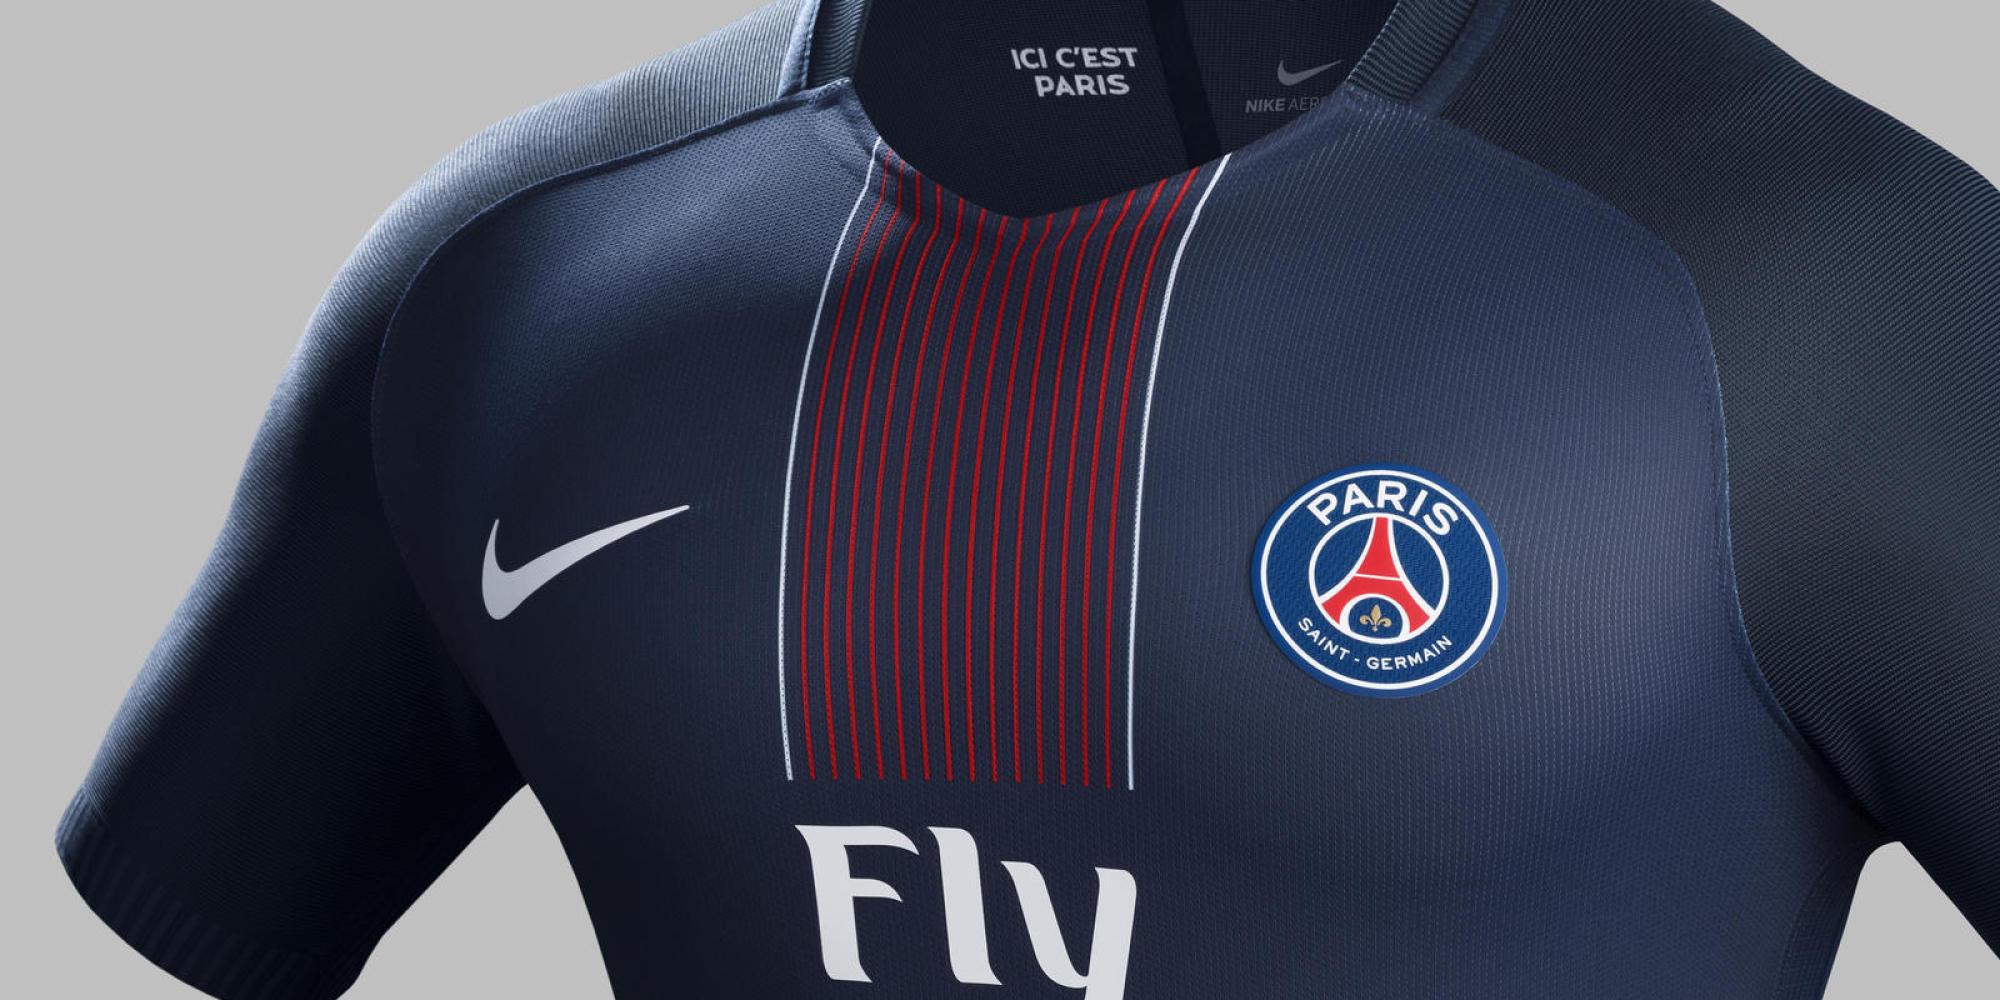 d couvrez le nouveau maillot du psg pour la saison prochaine que zlatan ibrahimovic ne portera pas. Black Bedroom Furniture Sets. Home Design Ideas